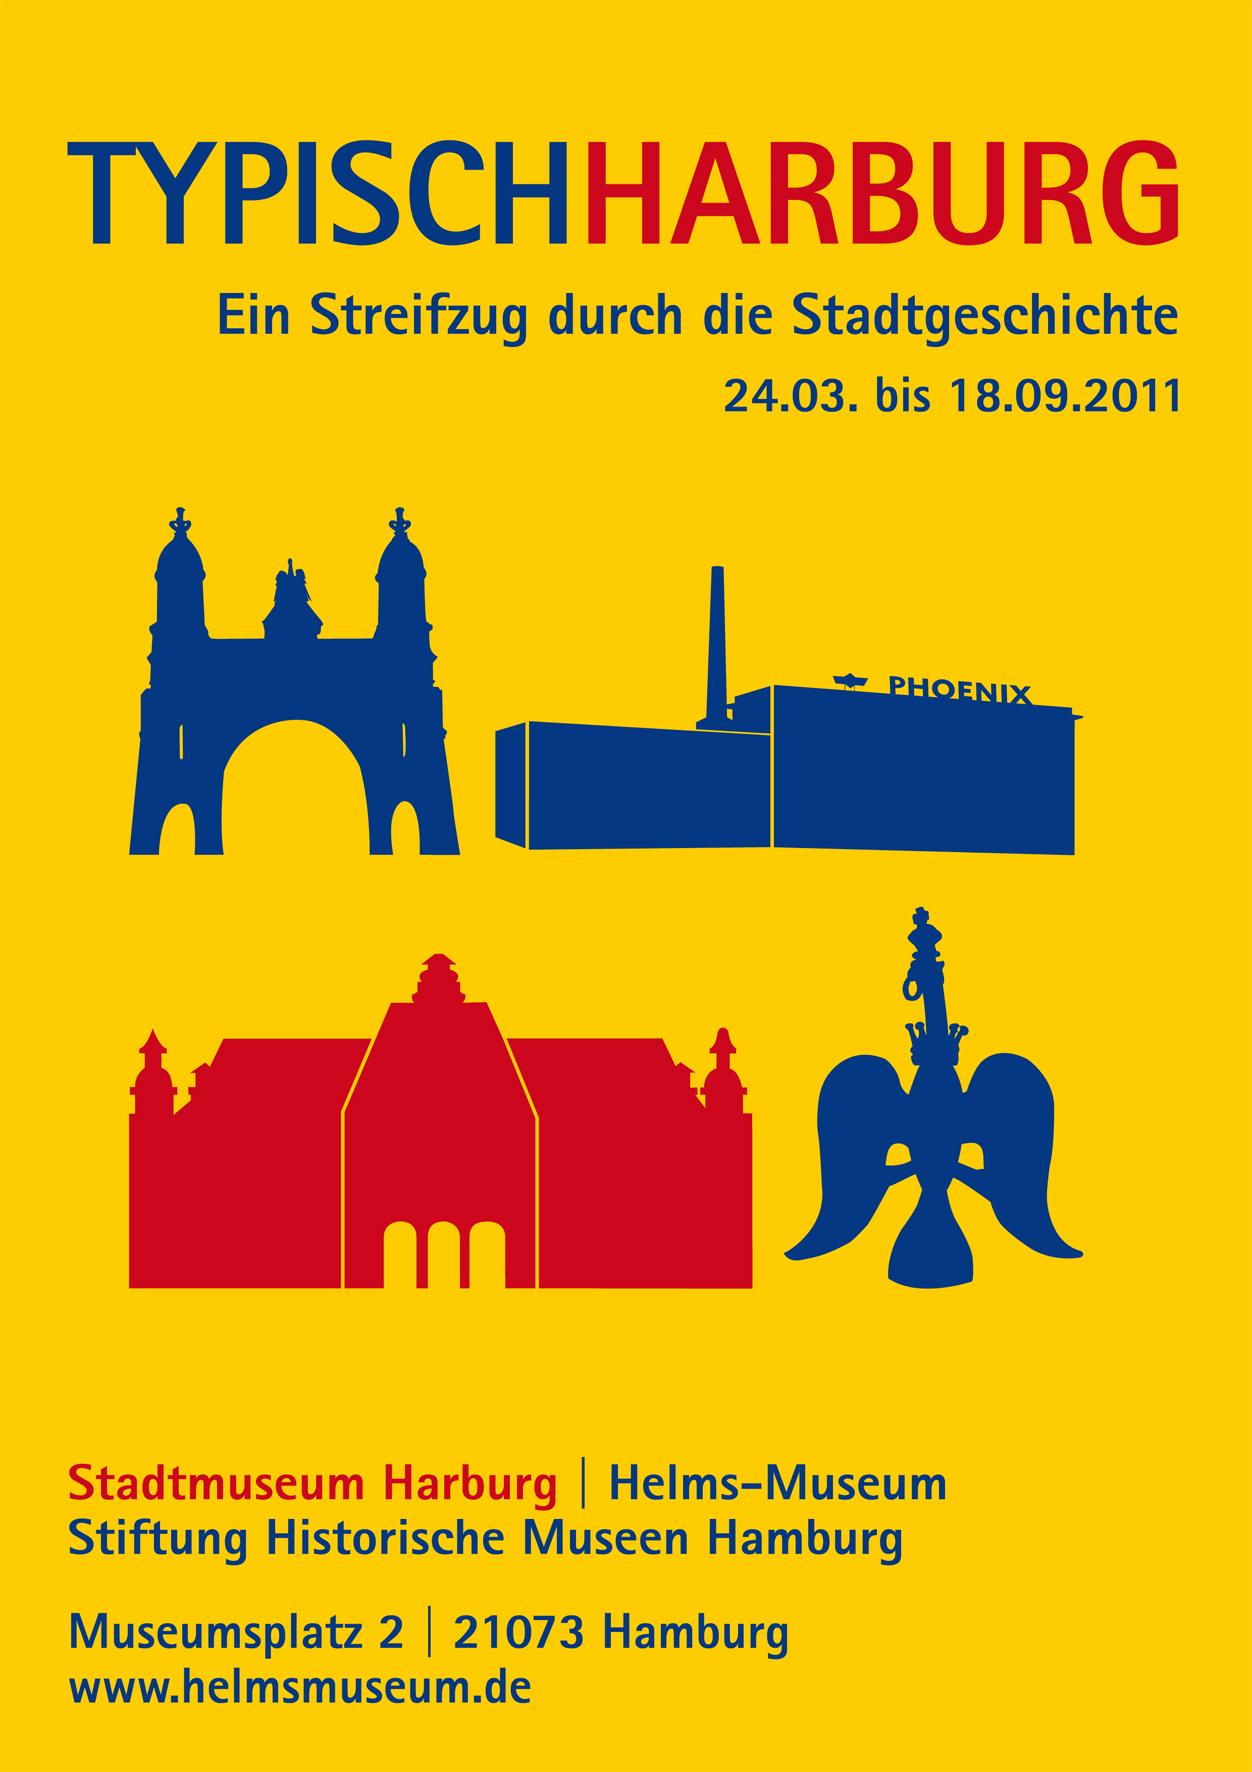 Typisch Harburg Plakat